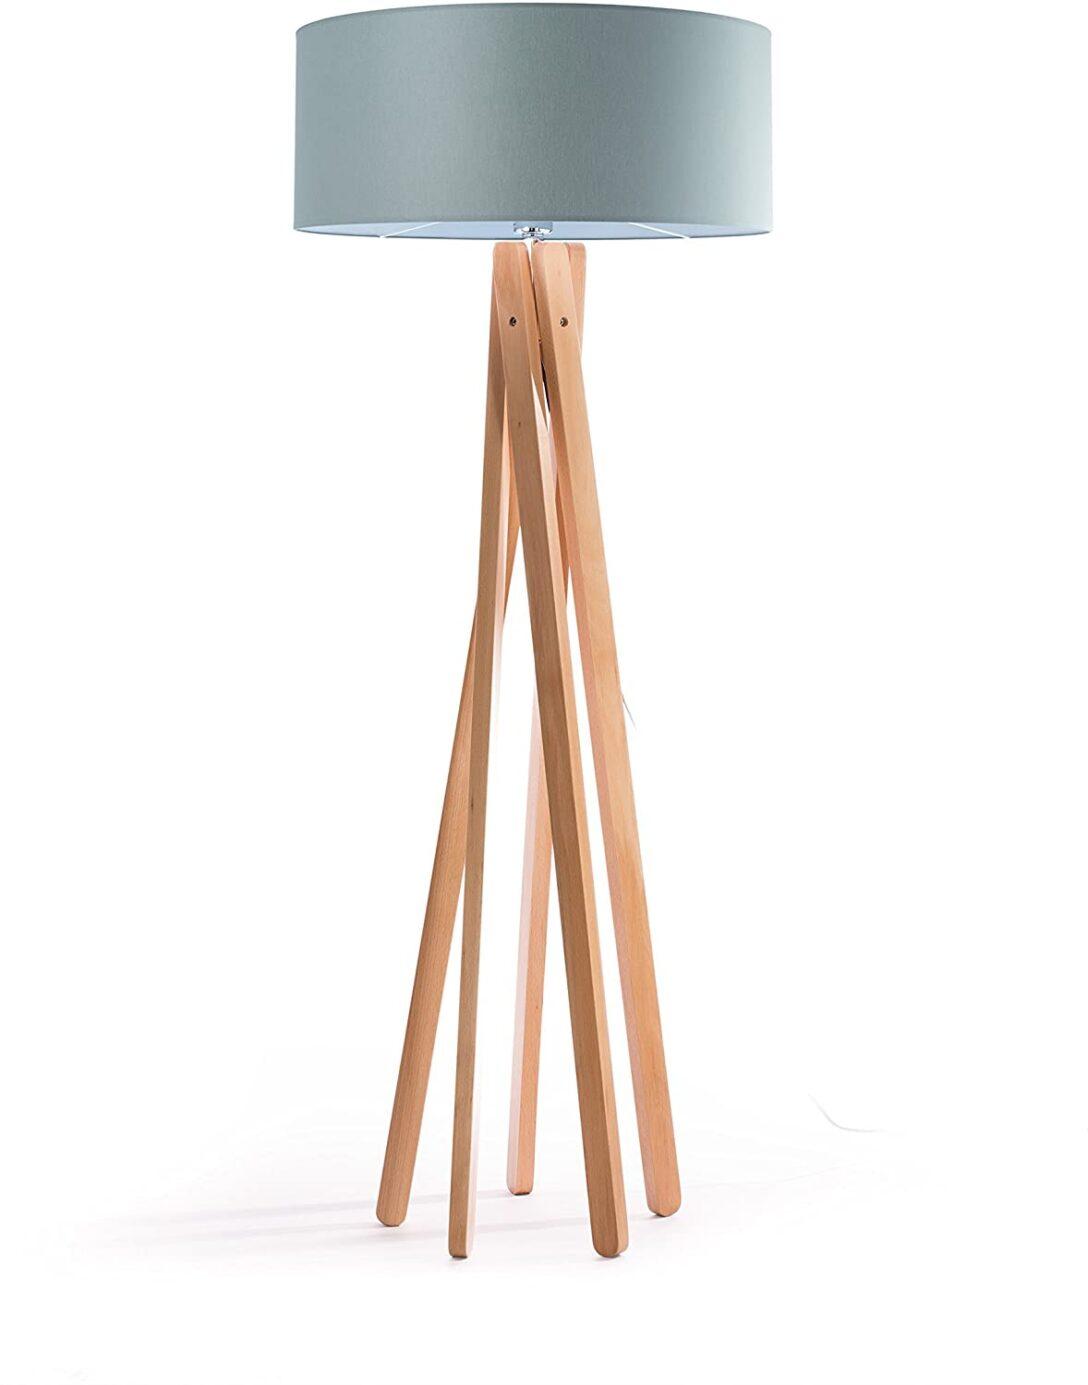 Large Size of Wohnzimmer Stehlampen Modern Stehlampe Hochwertige Holz Buche Stativ Skandinavisches Design Bett Deckenlampen Pendelleuchte Relaxliege Hängeschrank Modernes Wohnzimmer Wohnzimmer Stehlampe Modern